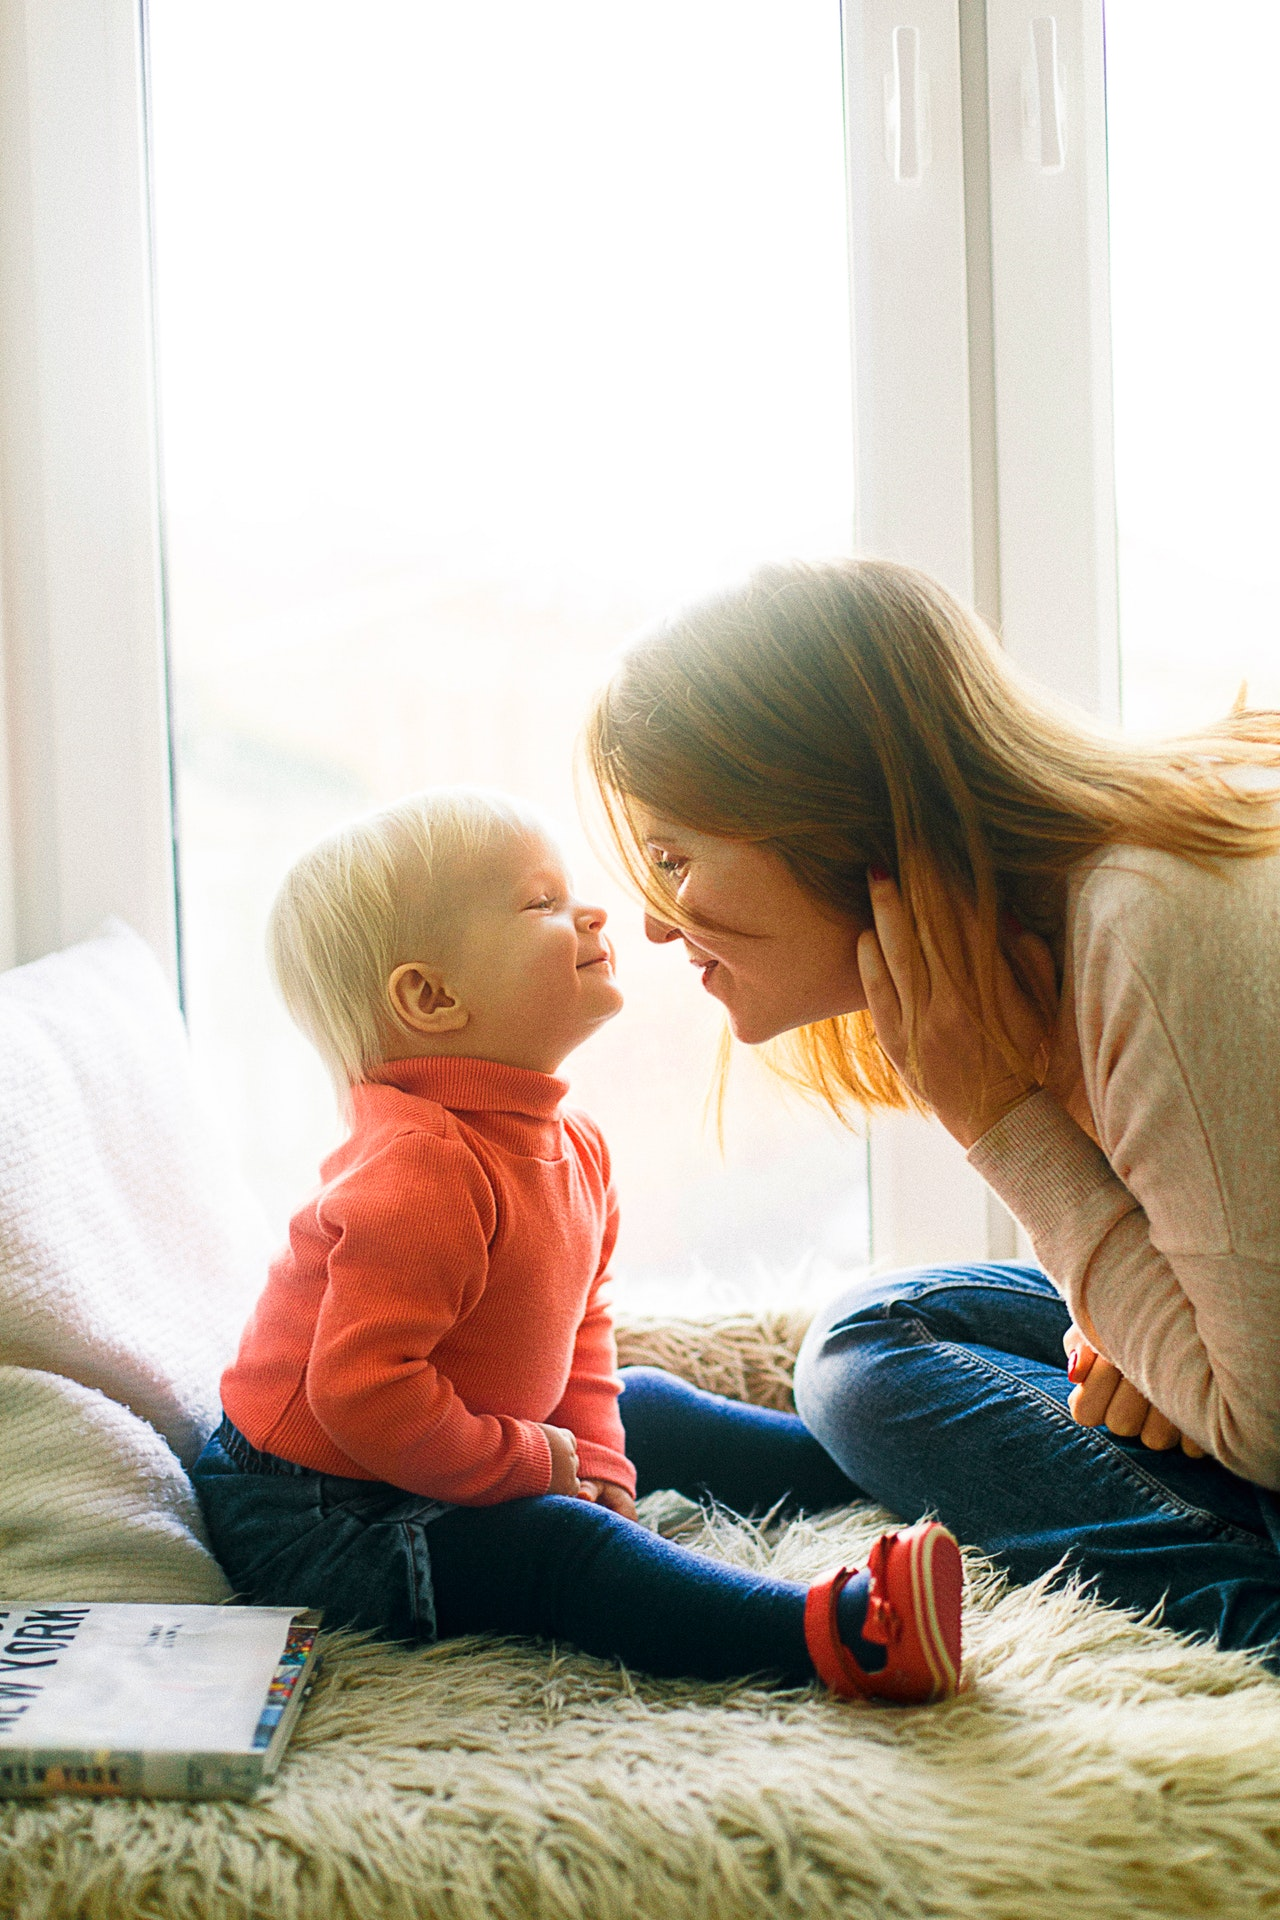 Nursery Rhymes Preschoolers Article Image